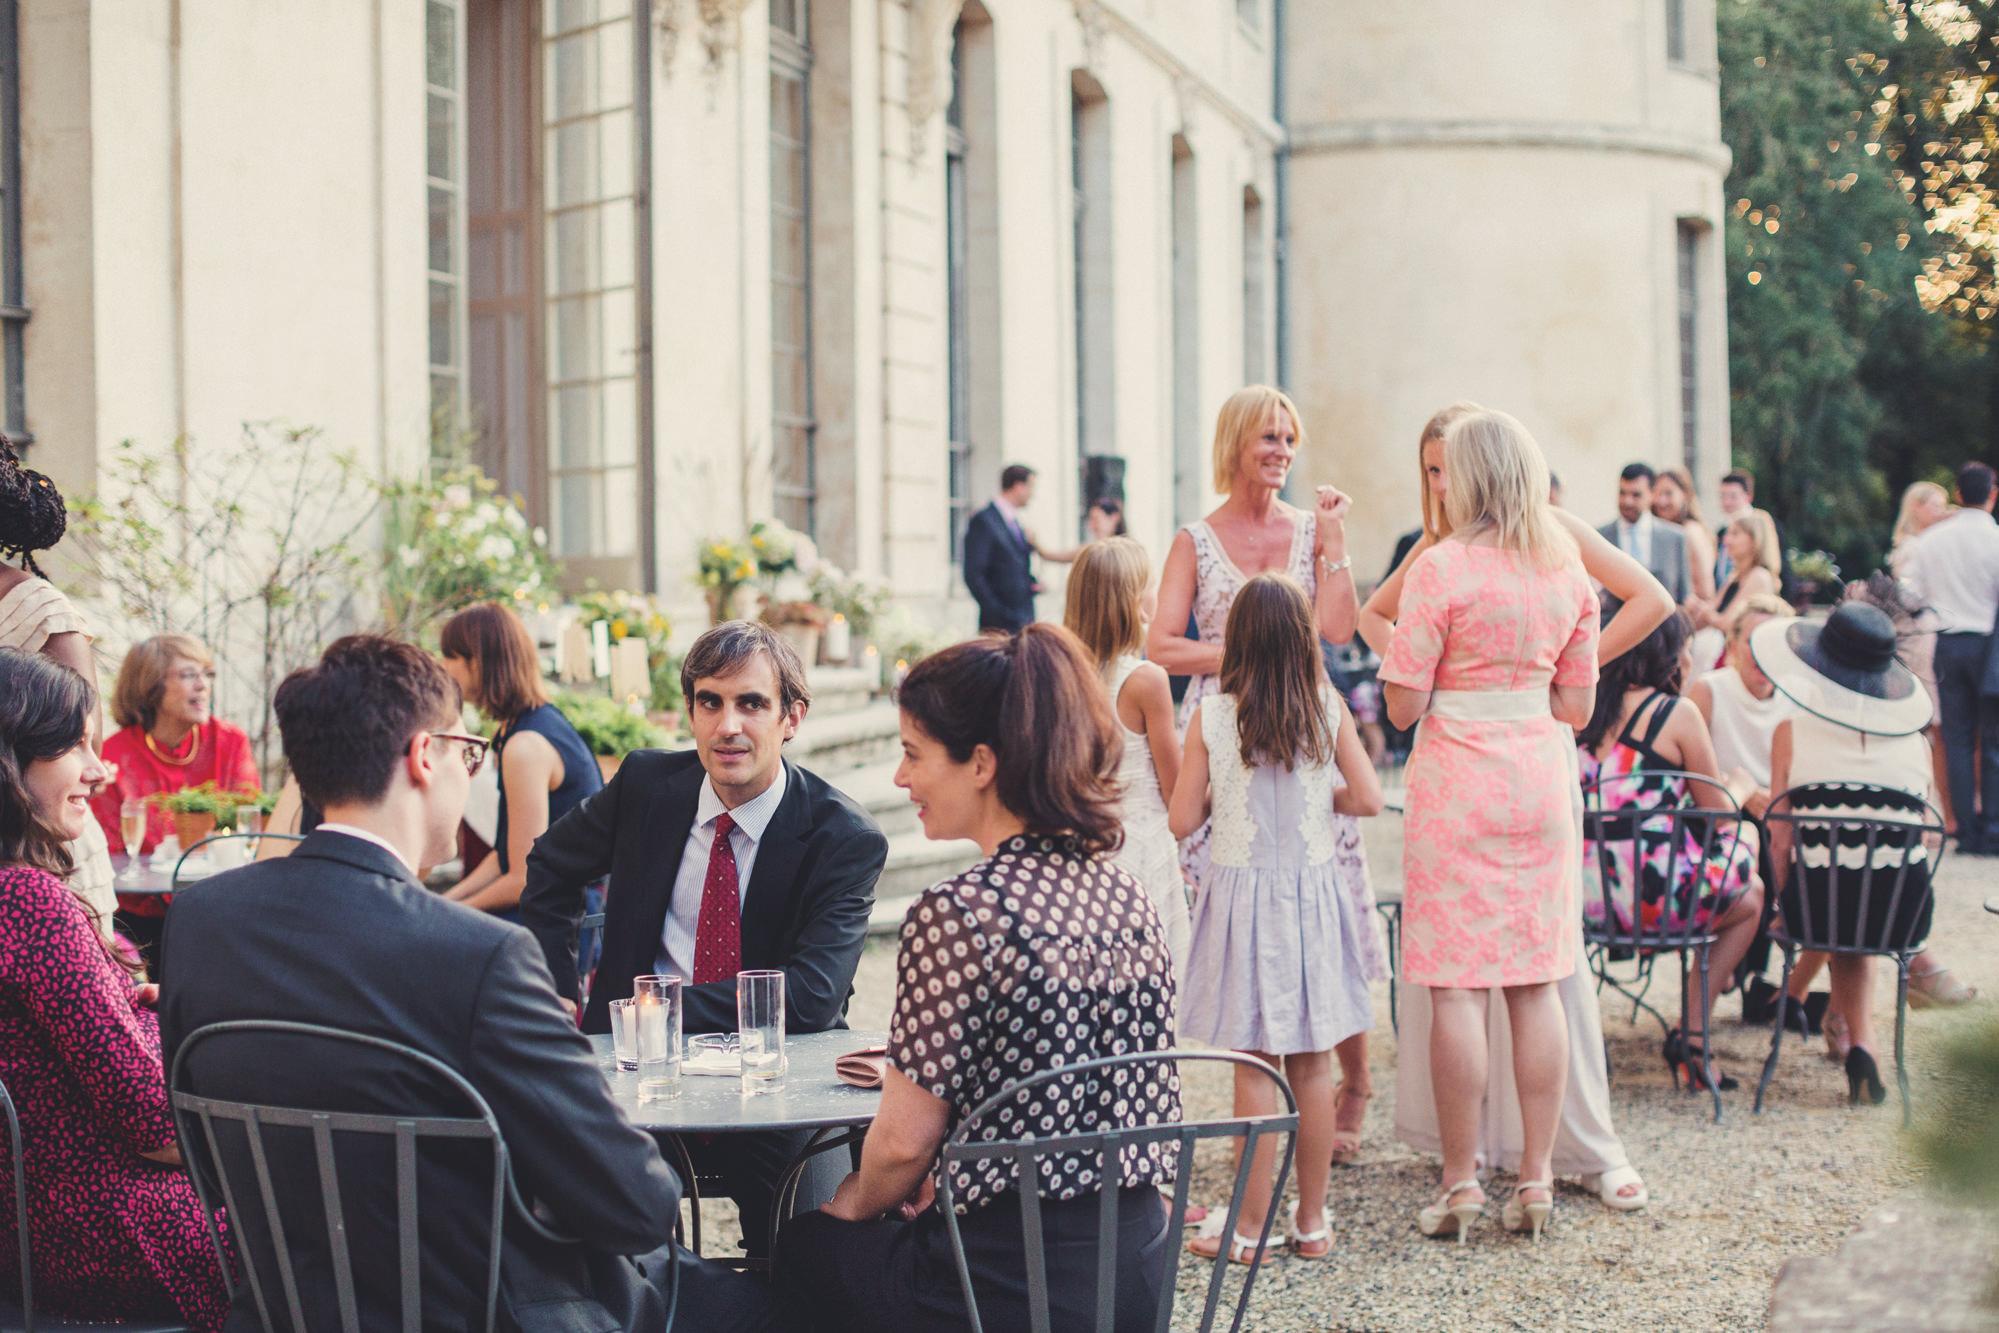 Mariage au Chateau d'Ermenonville@Anne-Claire Brun 57